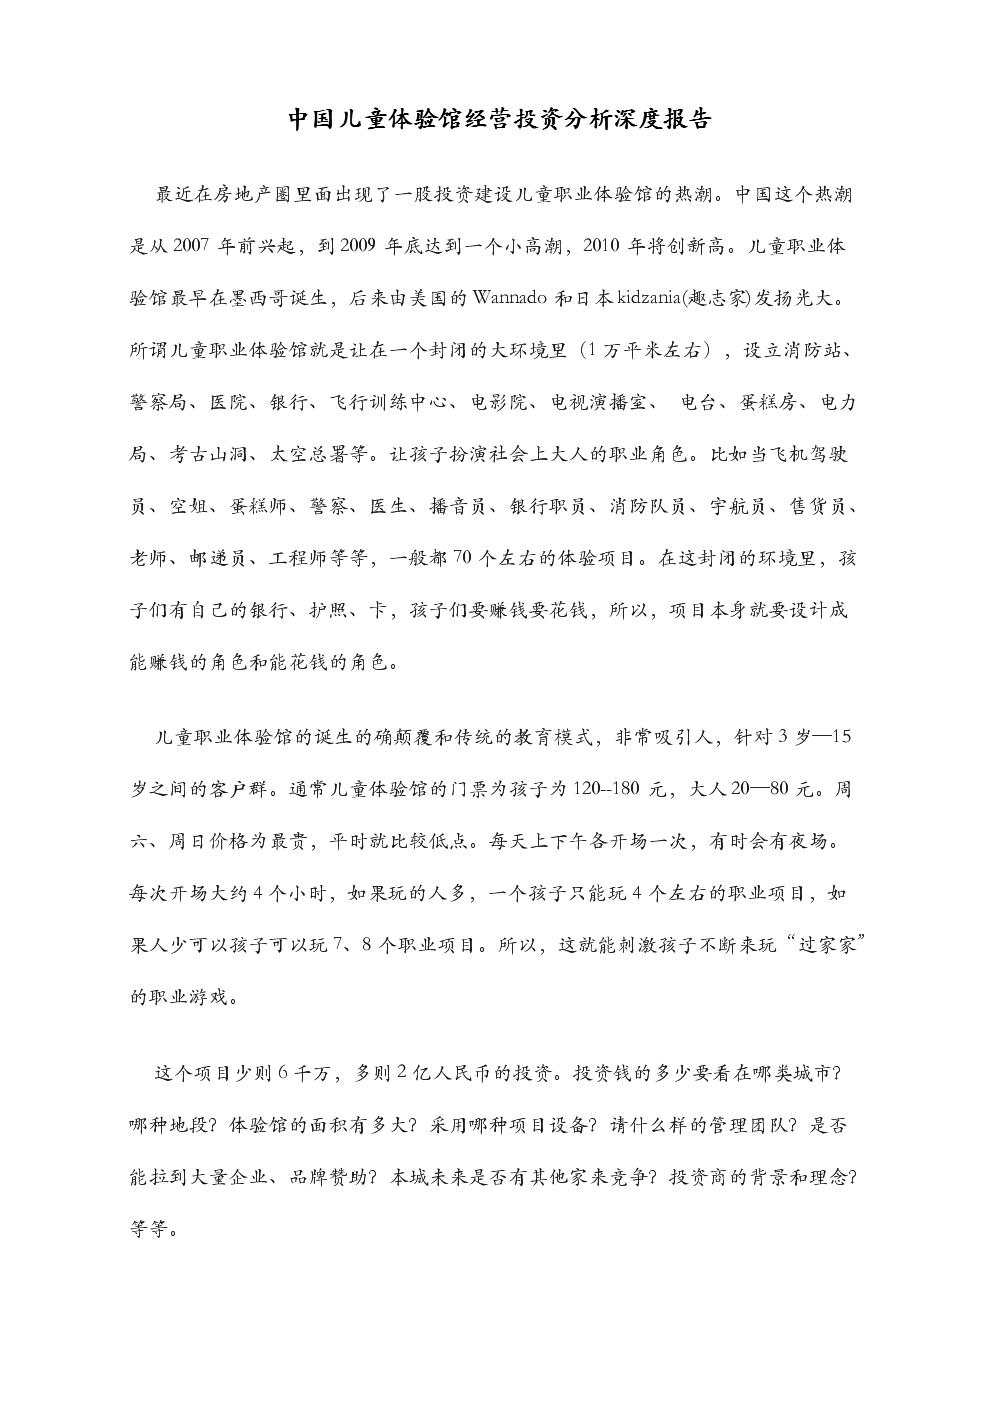 中国儿童体验馆经营投资分析深度报告.doc